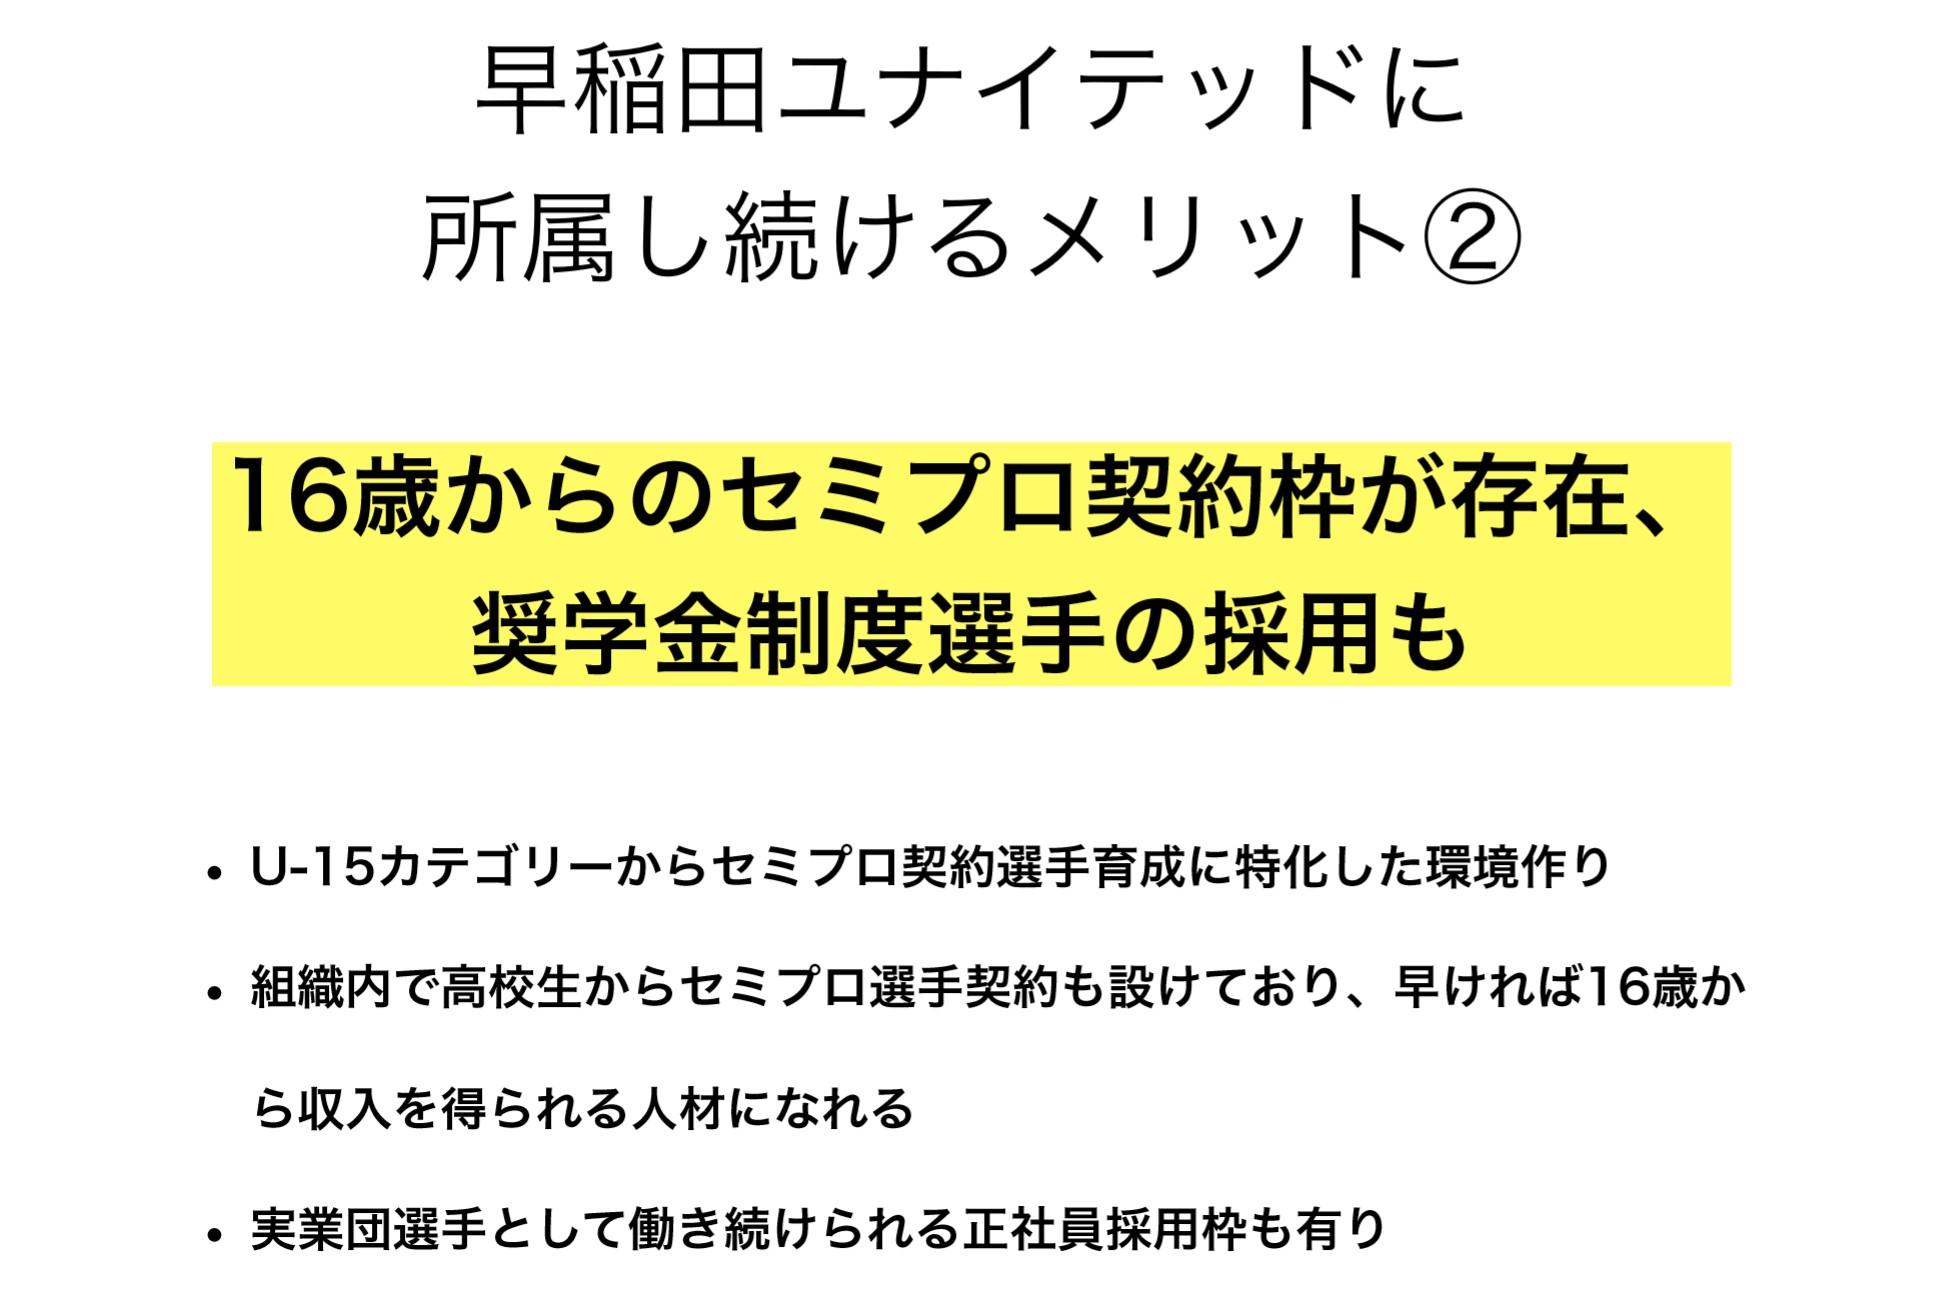 早稲田ユナイテッドアカデミー説明資料8